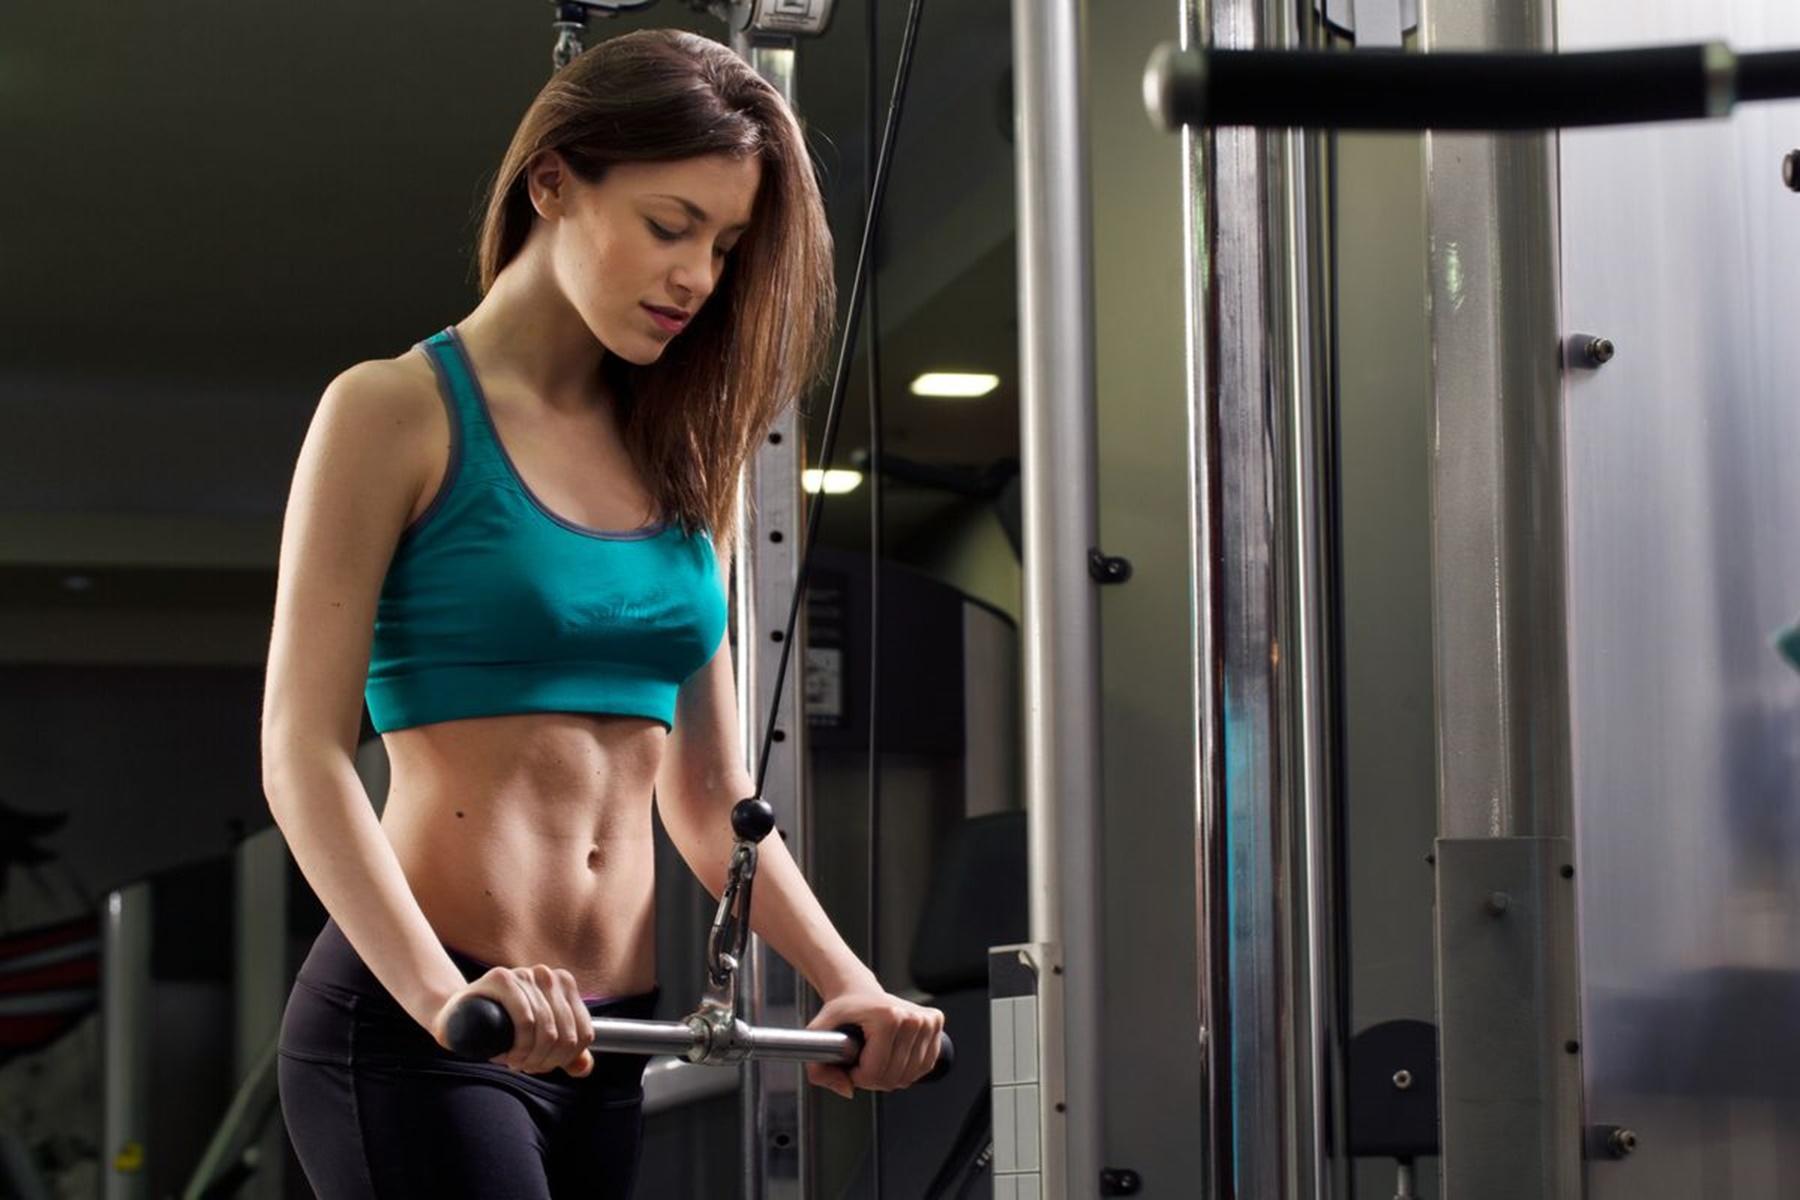 Δίαιτα για γράμμωση: Έτσι θα έχεις τέλειους κοιλιακούς